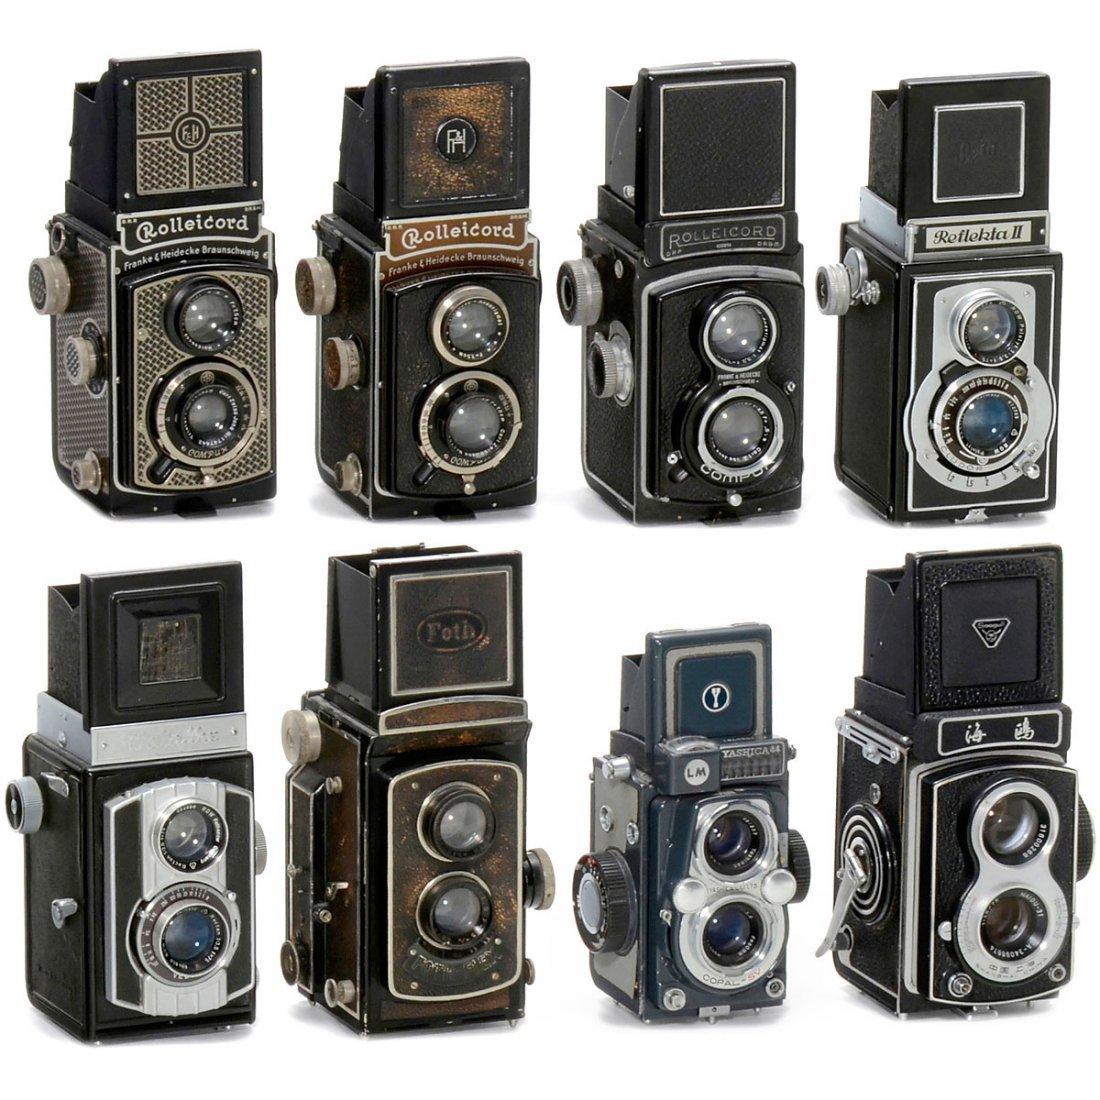 8 TLR Cameras